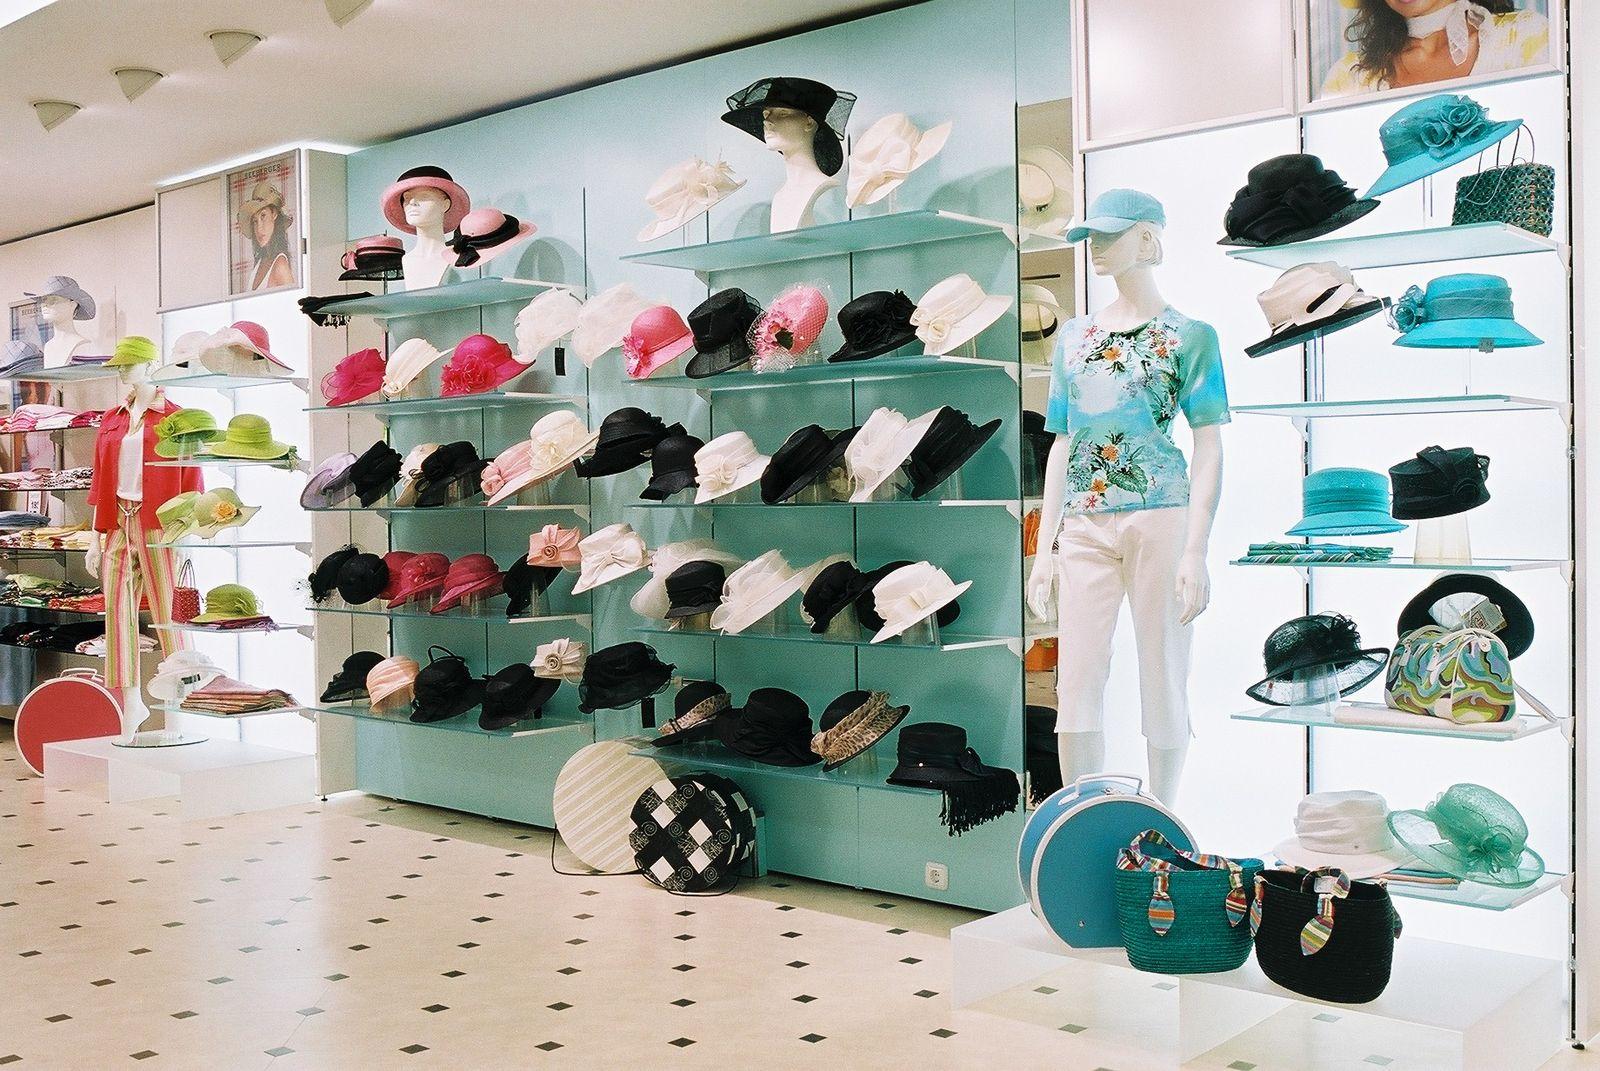 Hut und Mode BREITER in München (Bild 9)